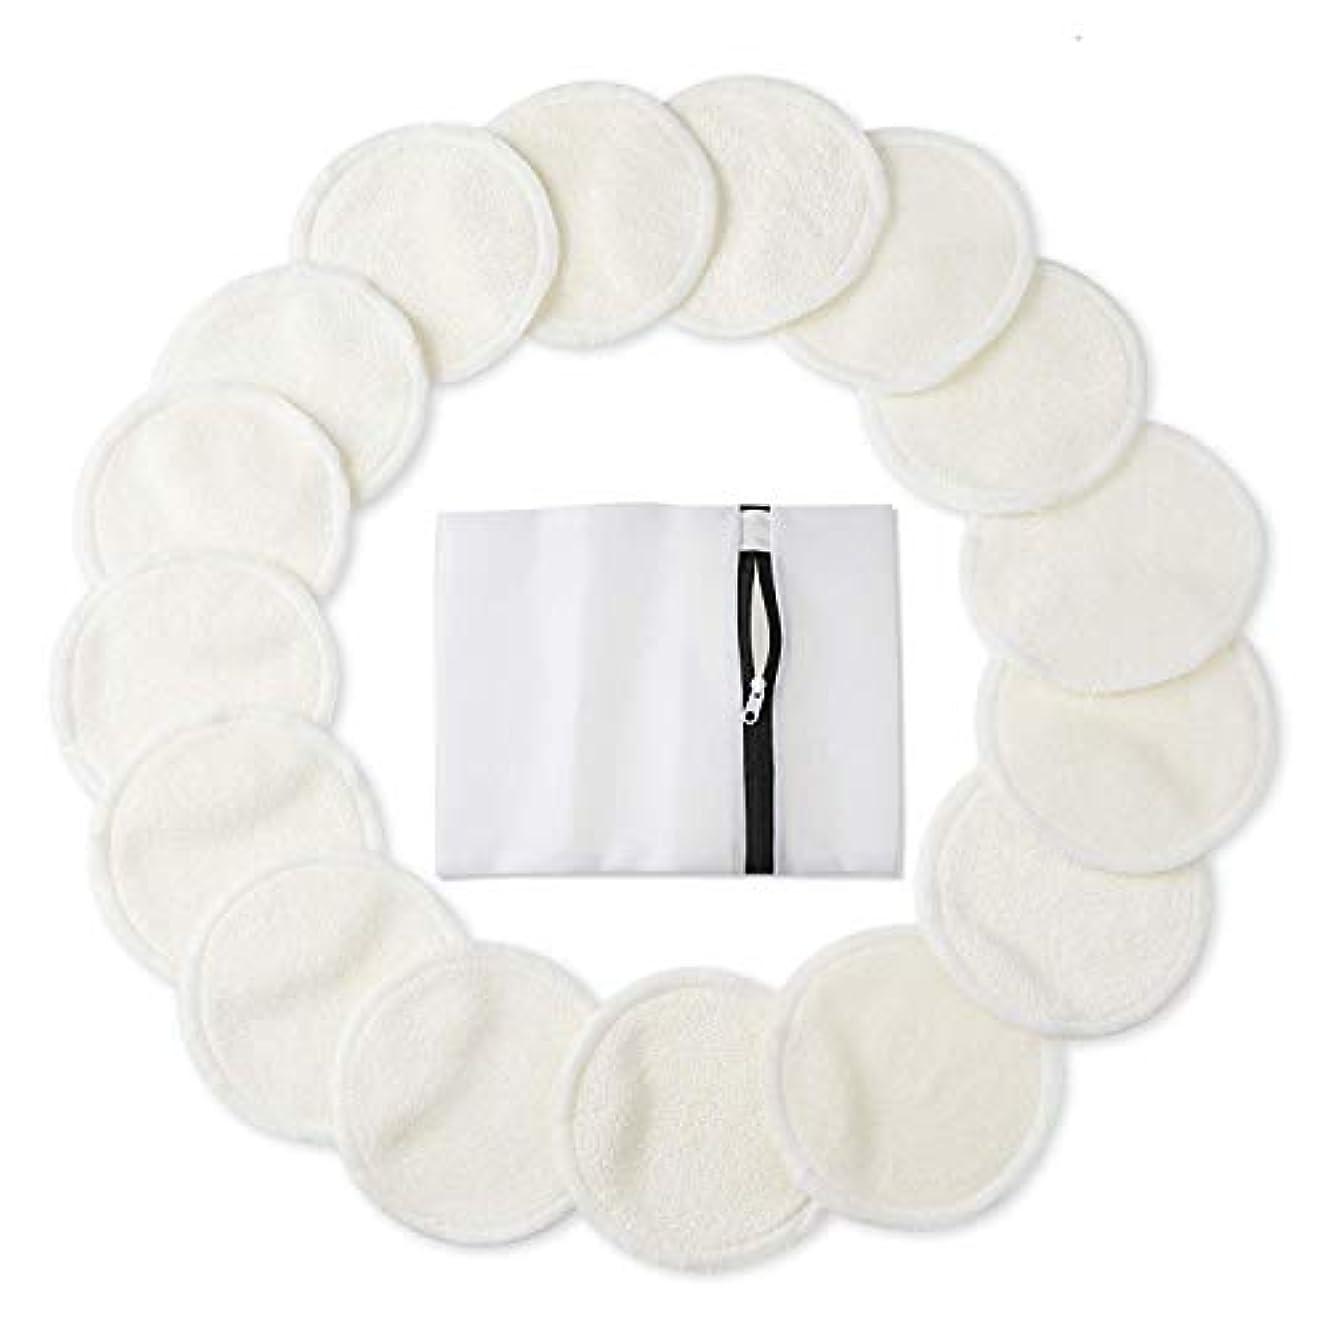 相関する透過性熱Phogary 竹 メイクアップリムーバーパッドアイメイク削除顔用ランドリーバッグ洗える洗顔布で再利用可能な有機竹コットンラウンドワイプ3.15 2層